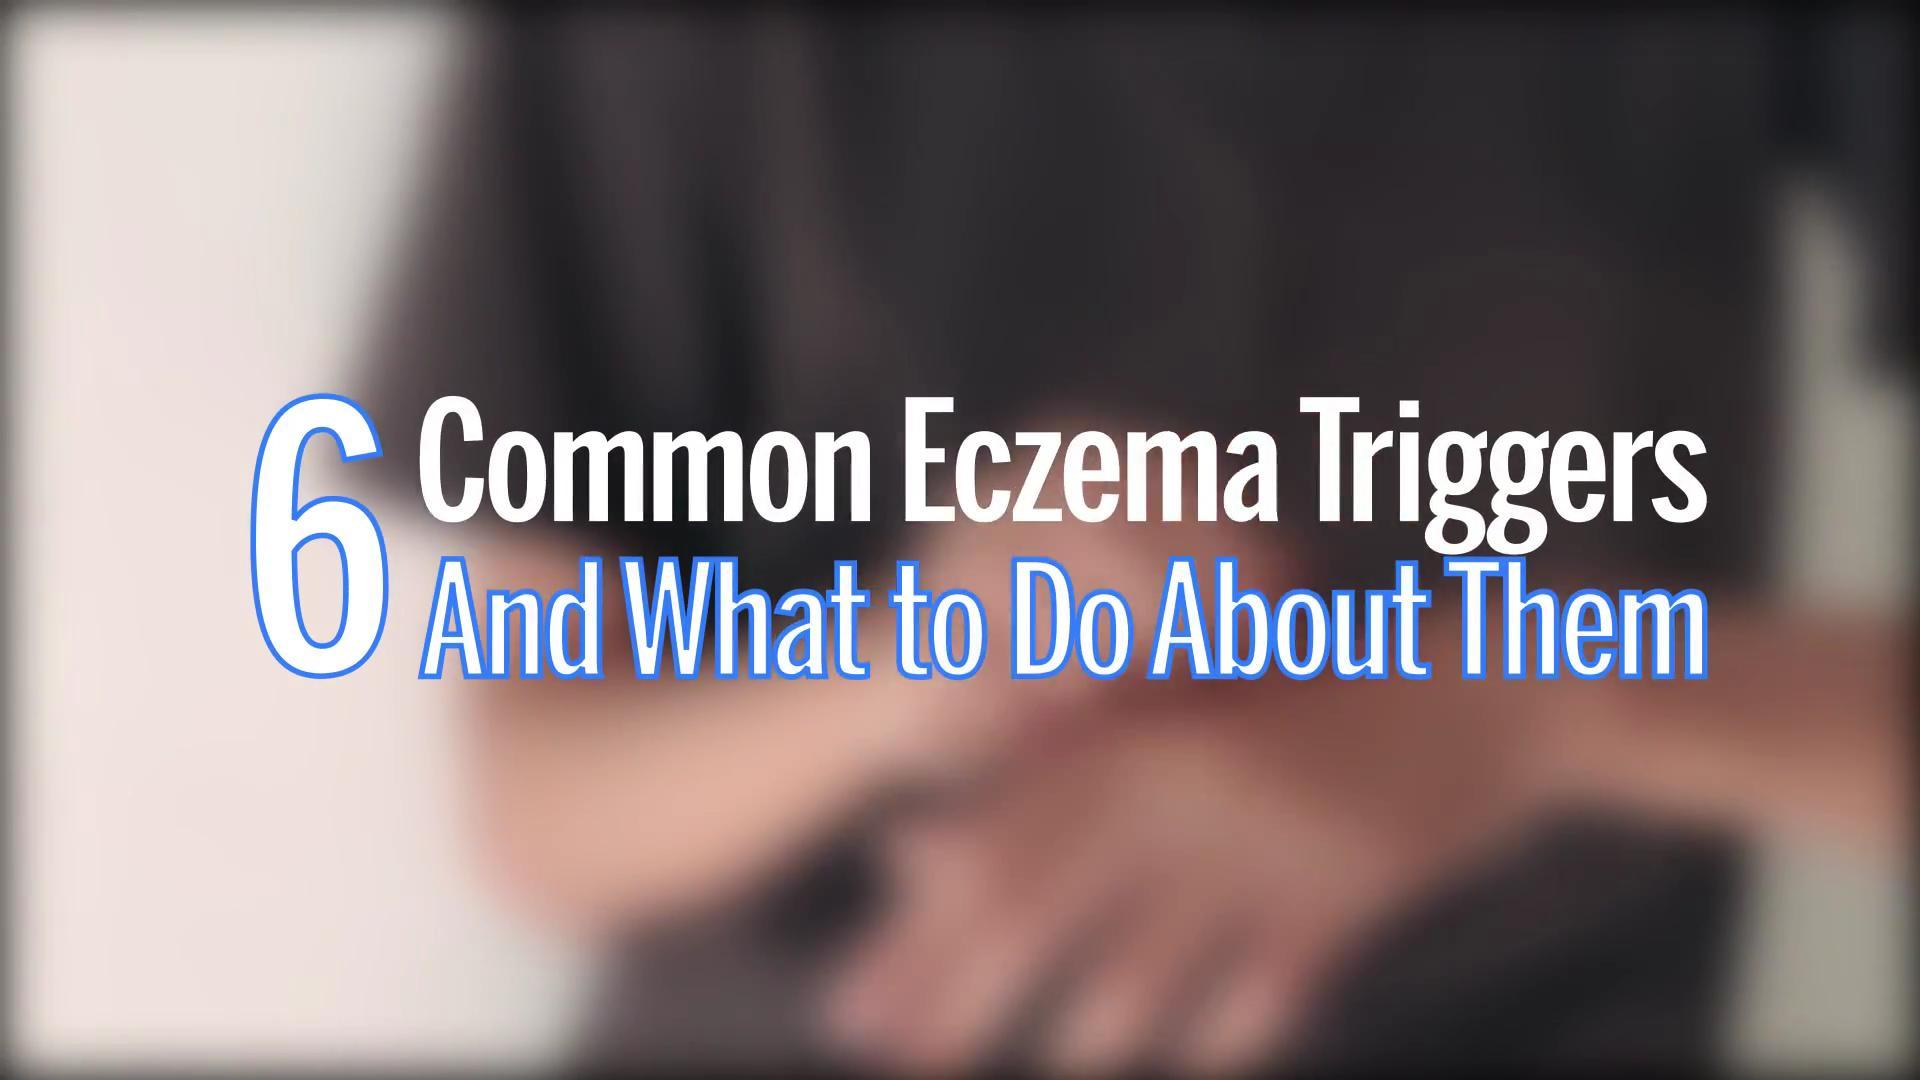 Types of eczema